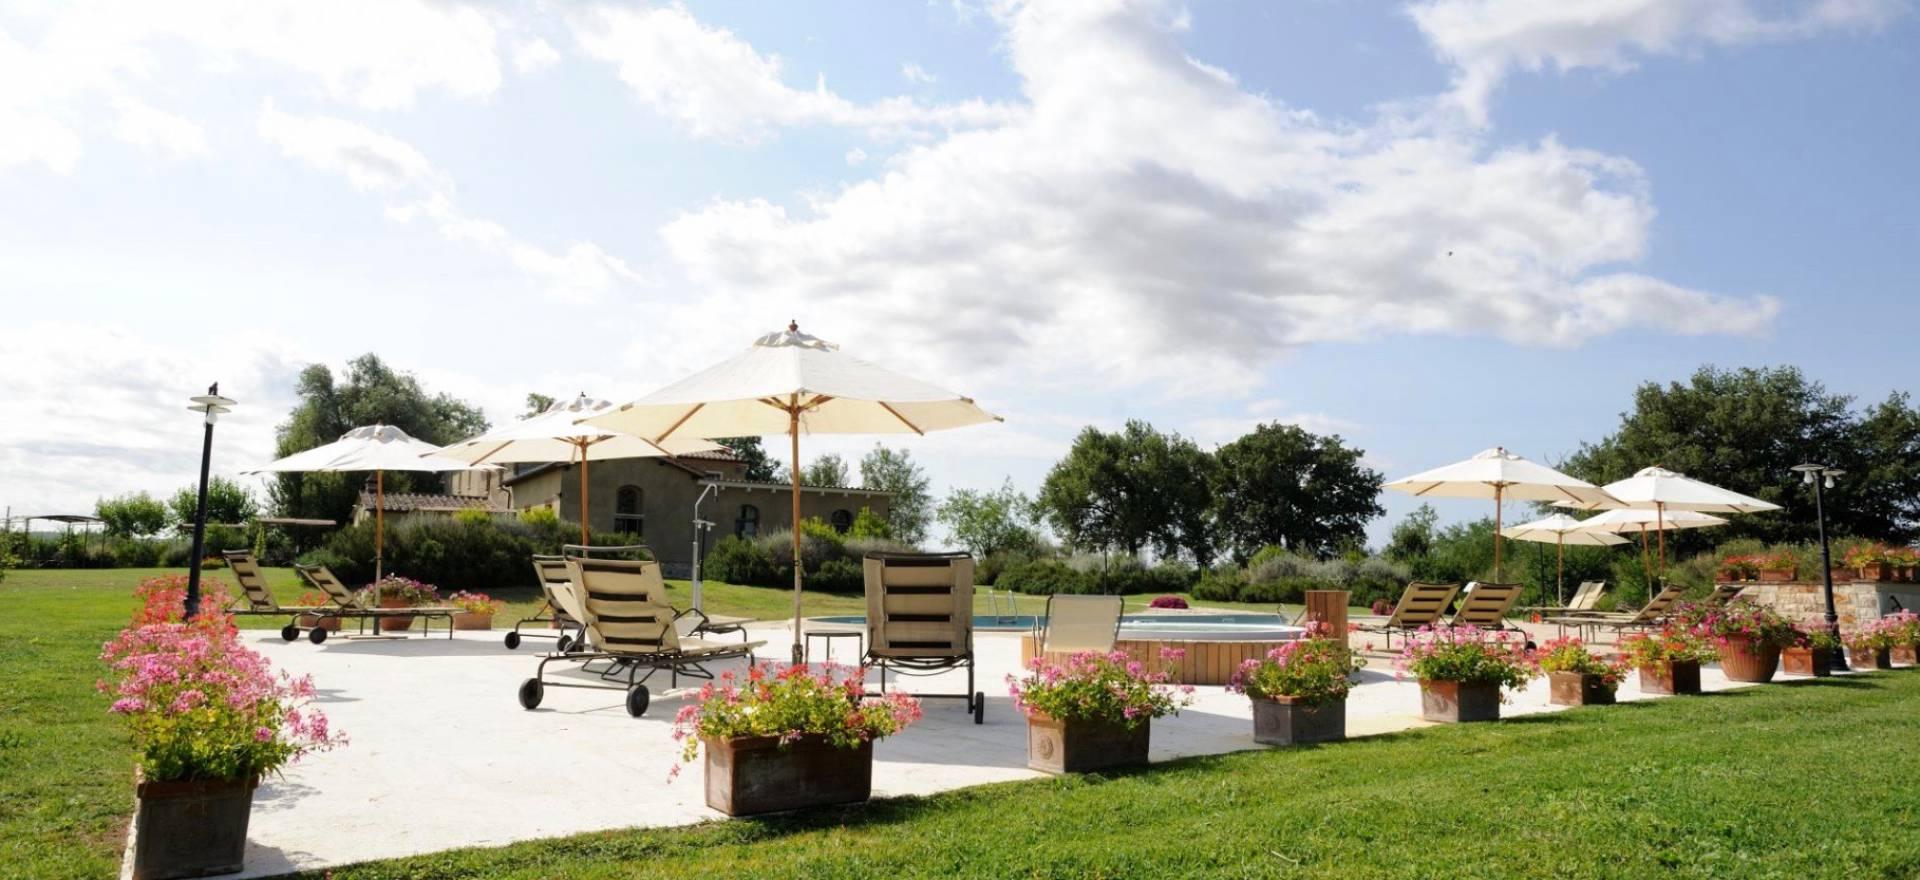 Agriturismo Toscana Agriturismo di campagna in zona tranquilla in Toscana